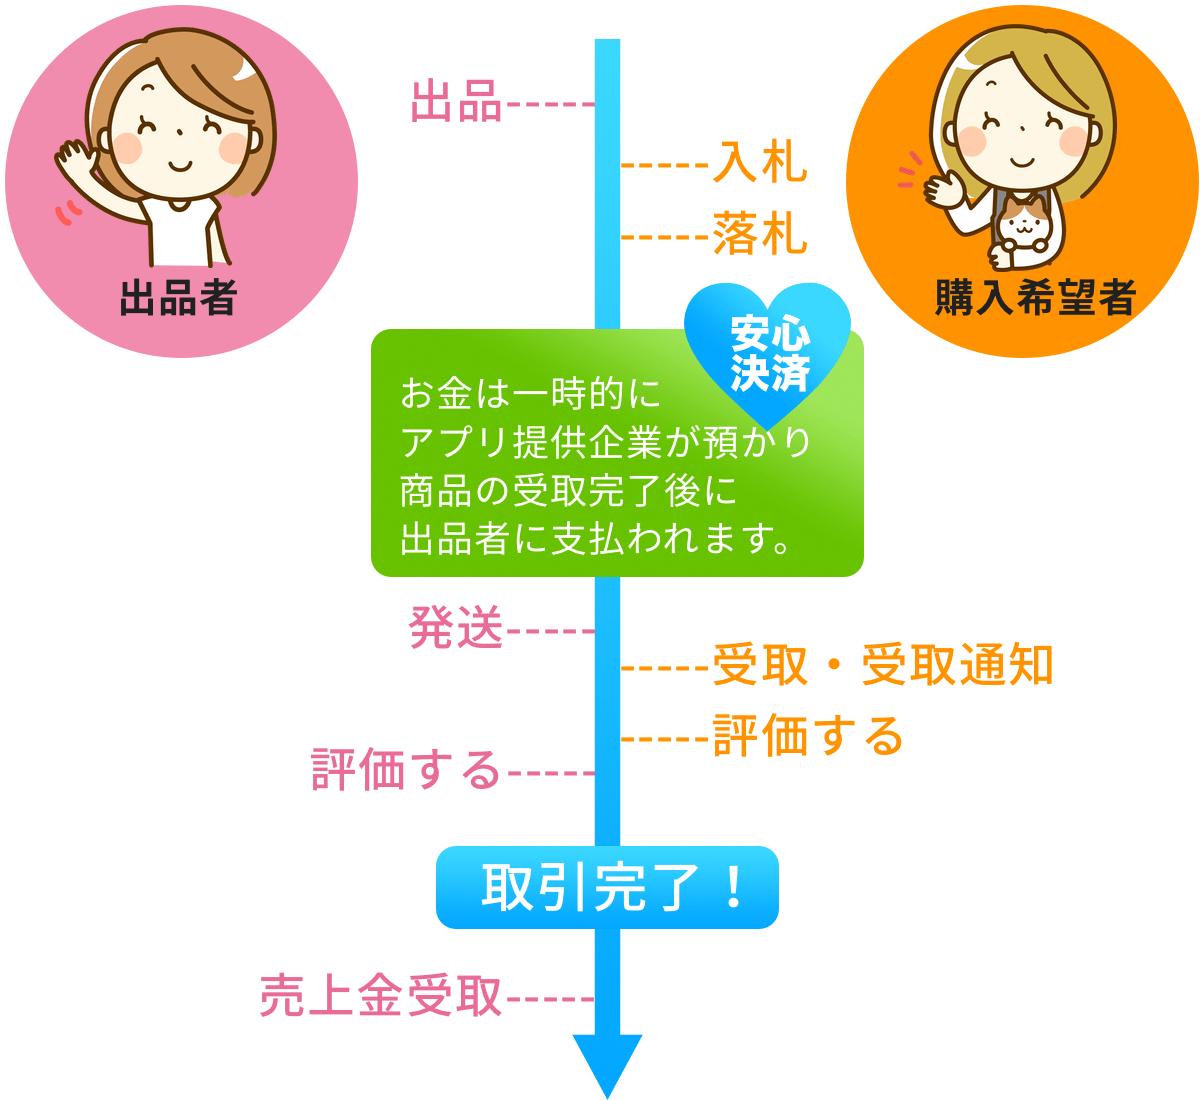 オークションアプリ取引の流れ・発送・入金